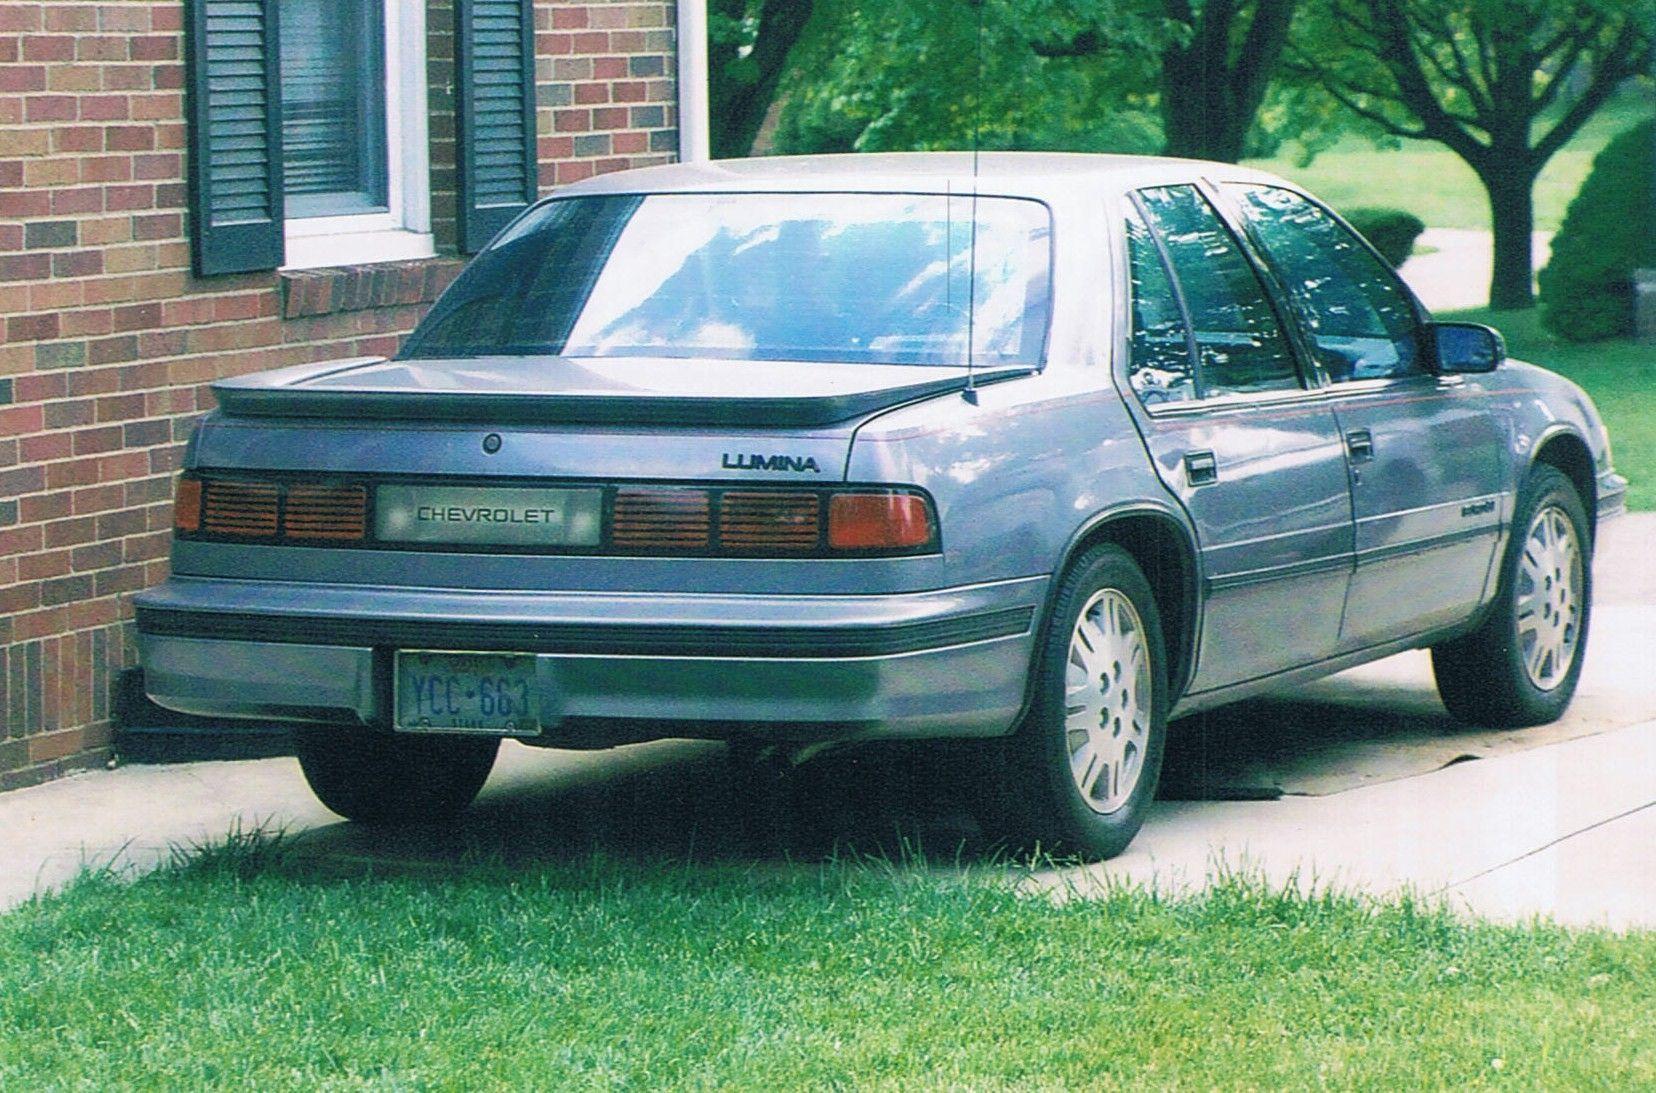 1991 chevy lumina euro 3 1 chevrolet lumina chevrolet chevy 1991 chevy lumina euro 3 1 chevrolet